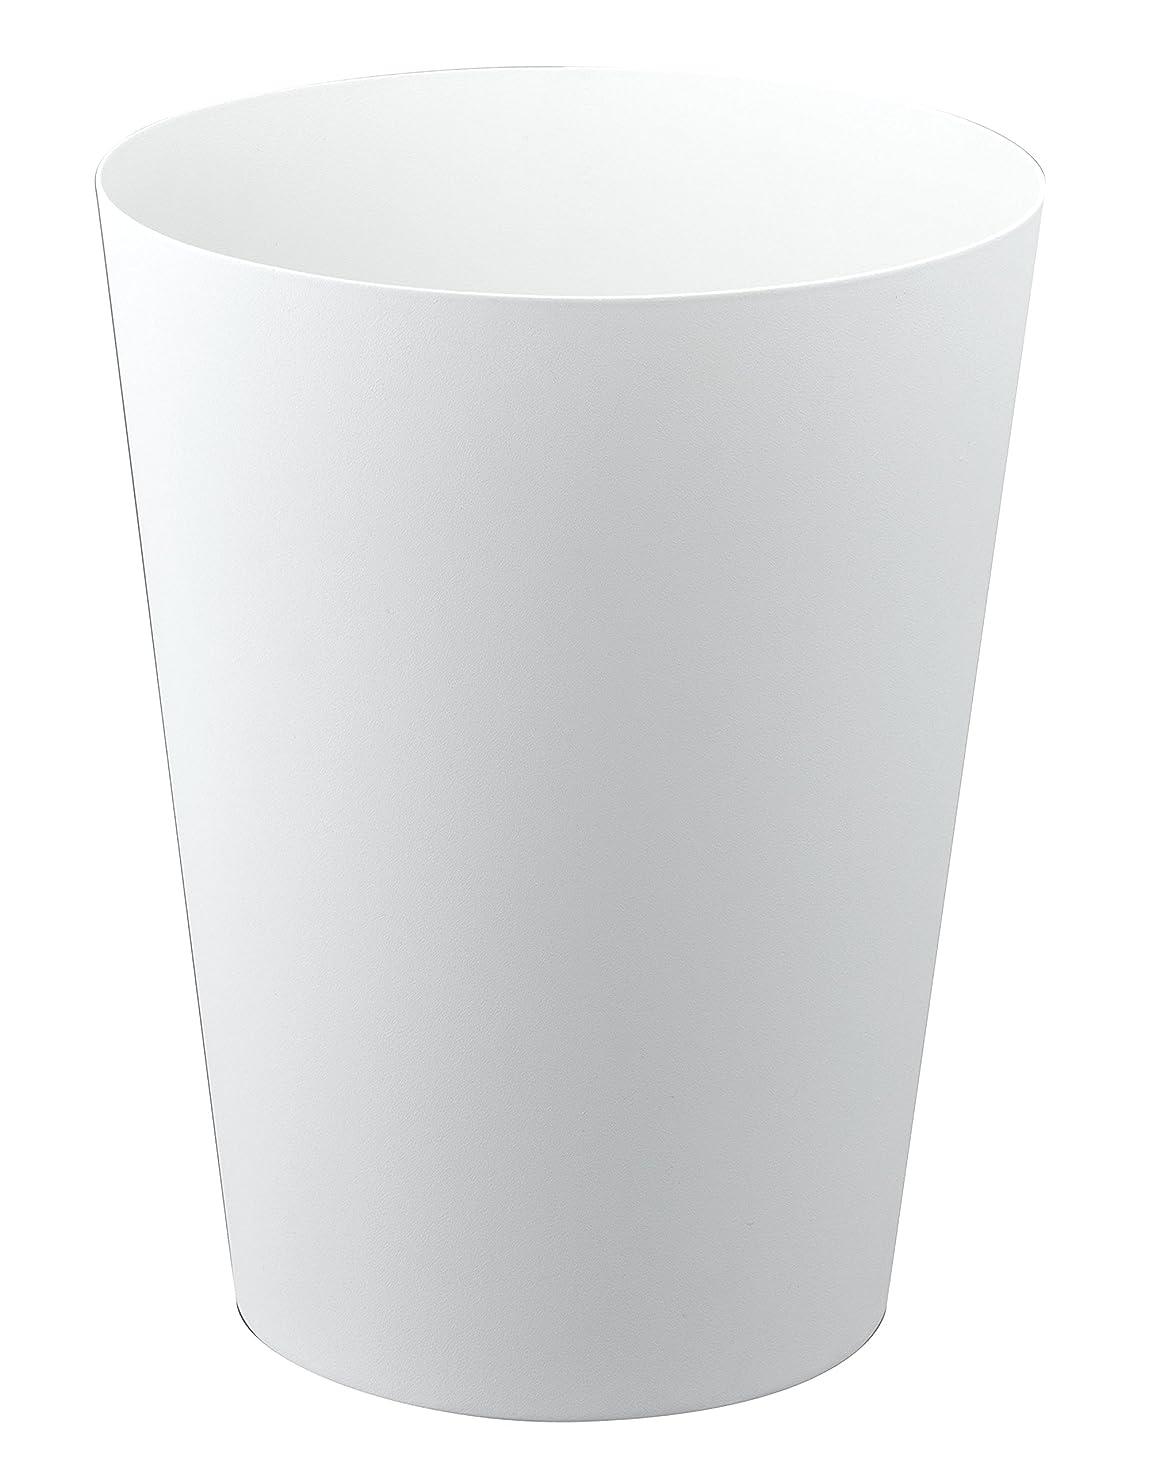 聡明無秩序再撮り山崎実業 ゴミ箱 トラッシュカン タワー 丸型 ホワイト 2917